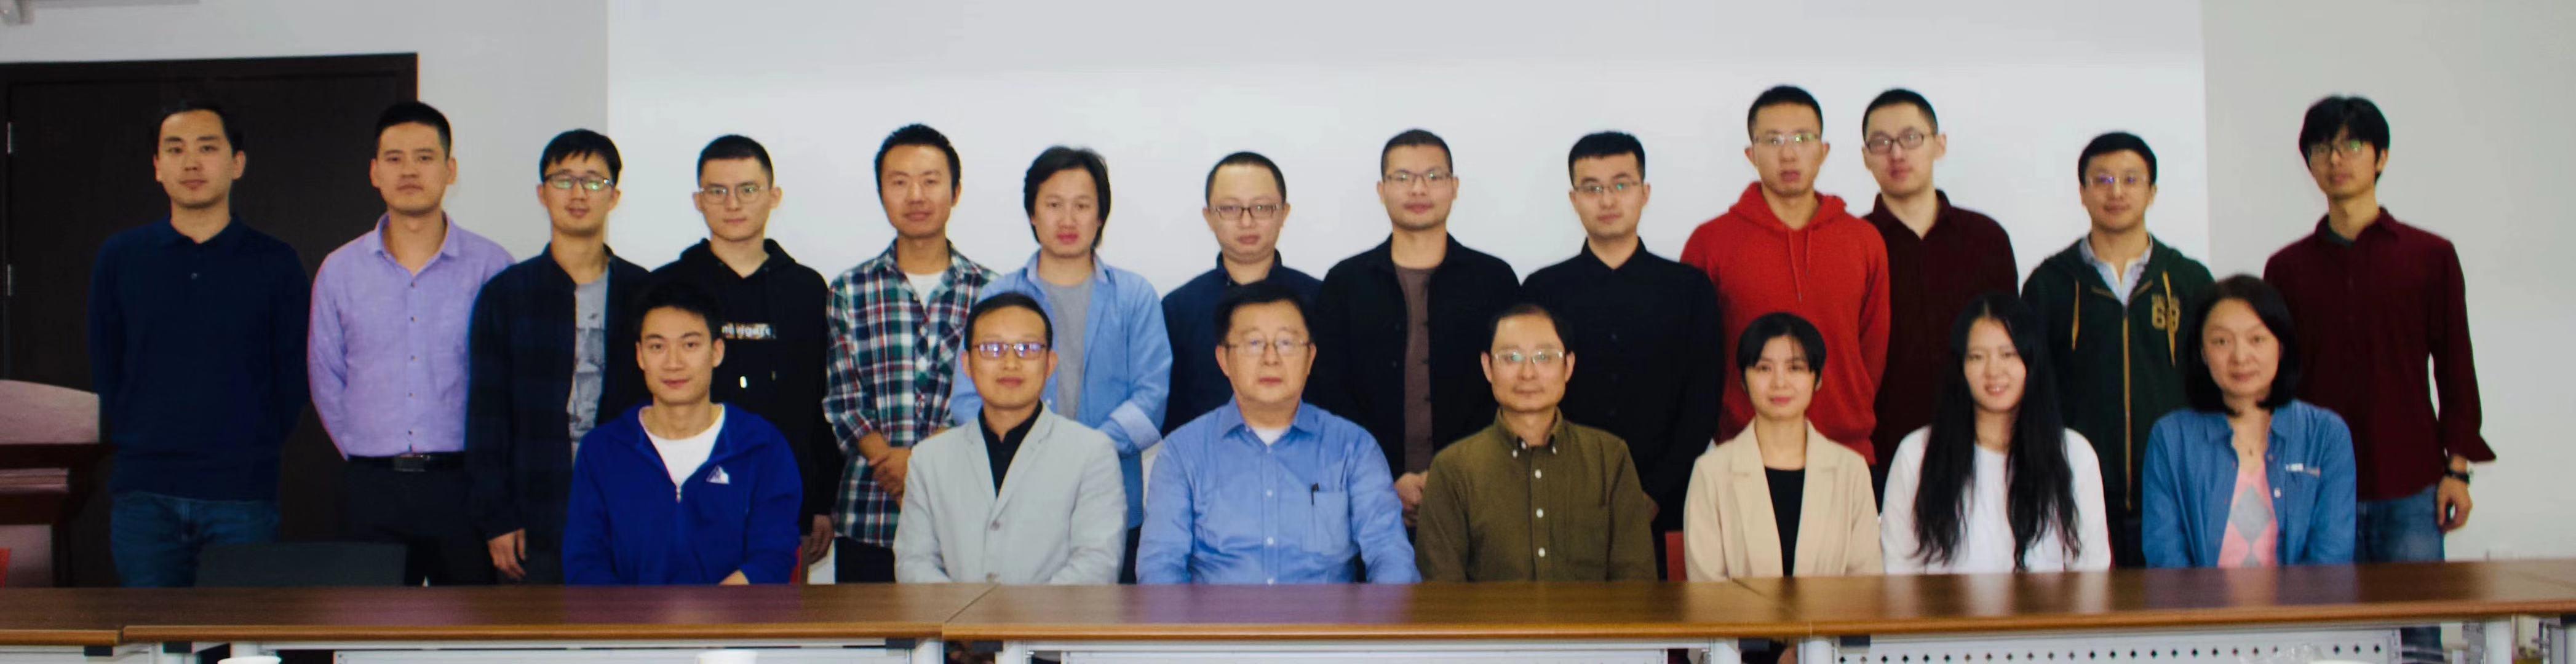 2019.10.24-25:《中国基督教研究》优秀博士生论坛